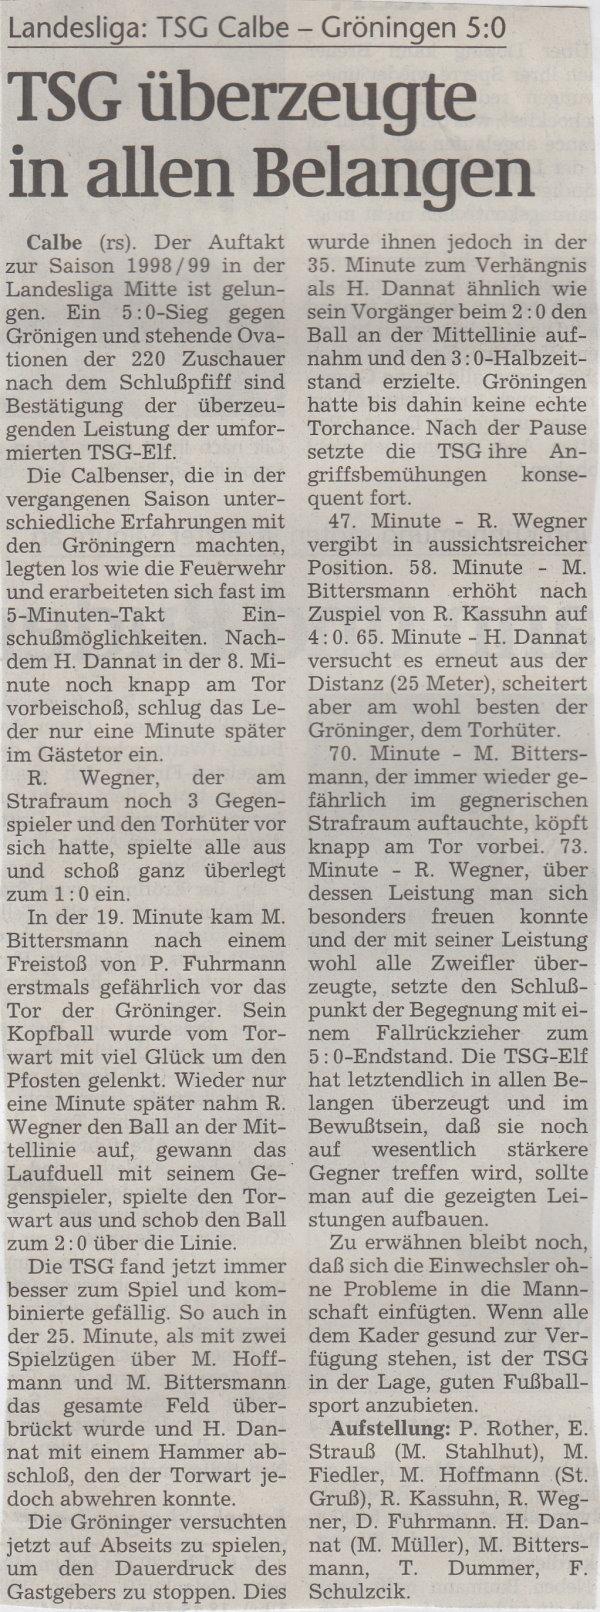 Volksstimme-Bericht vom Spiel des 15. August 1998.